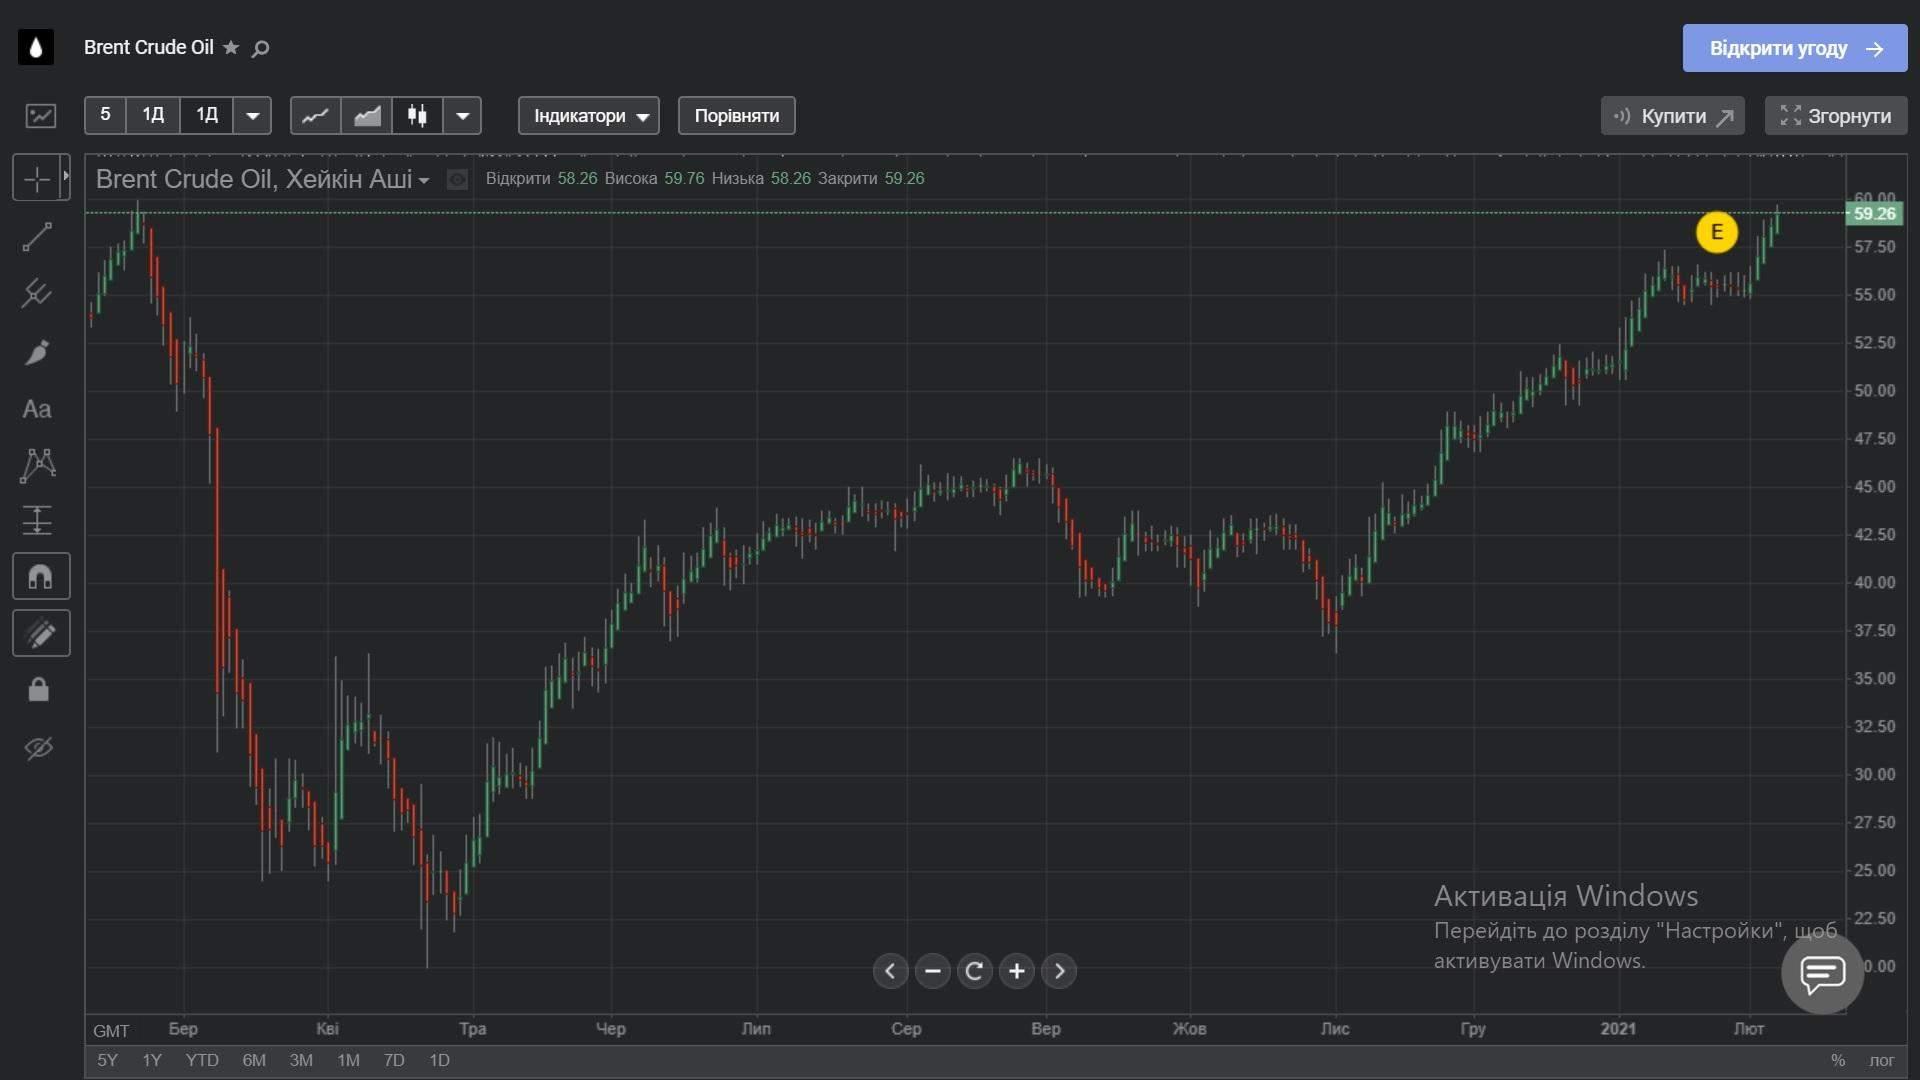 Цена нефти Brent в течение последнего года